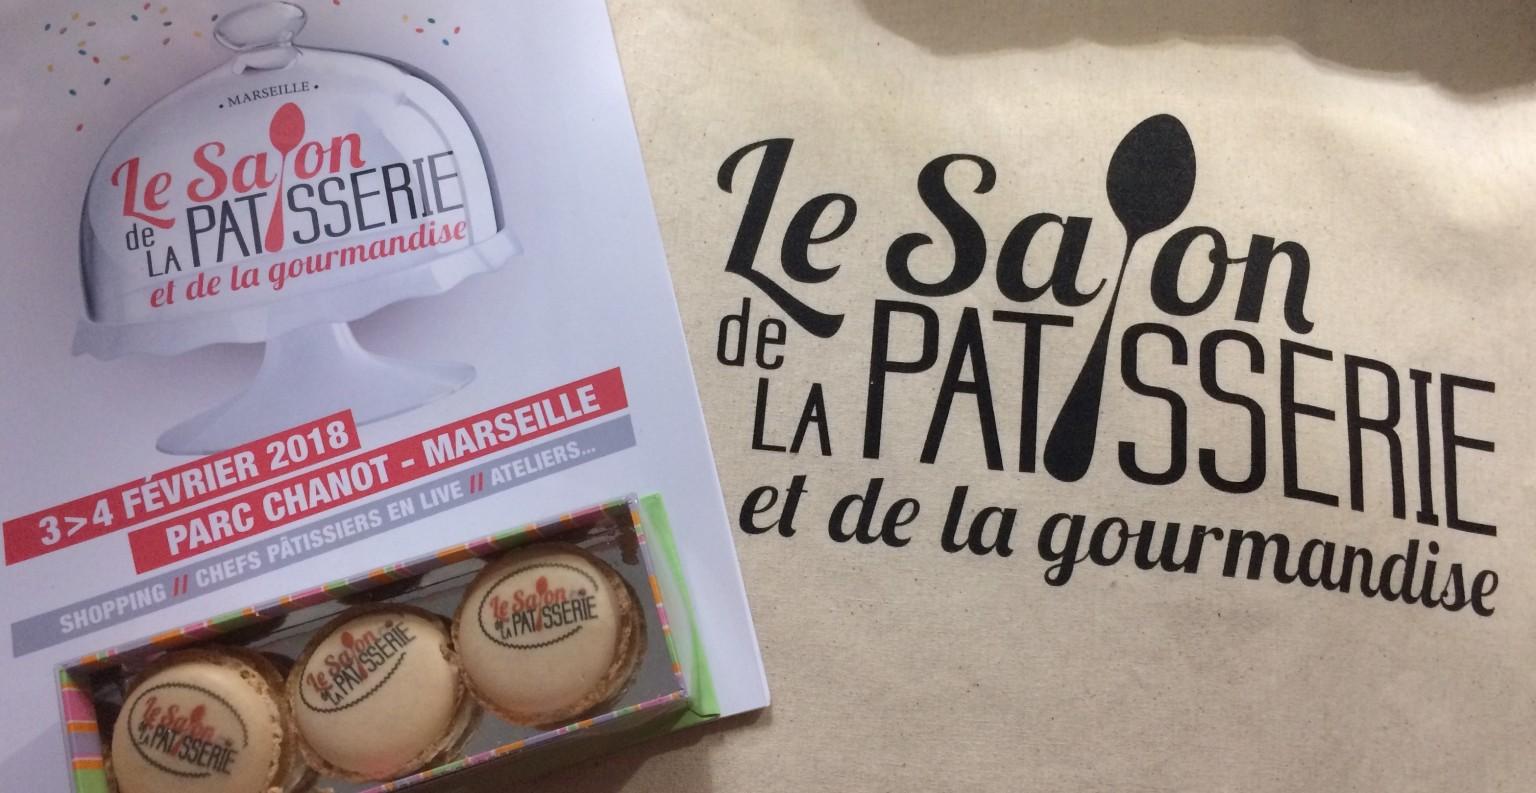 Les gourmands pourront s'en donner à cœur joie les 3 et 4 février à Marseille. ©MD